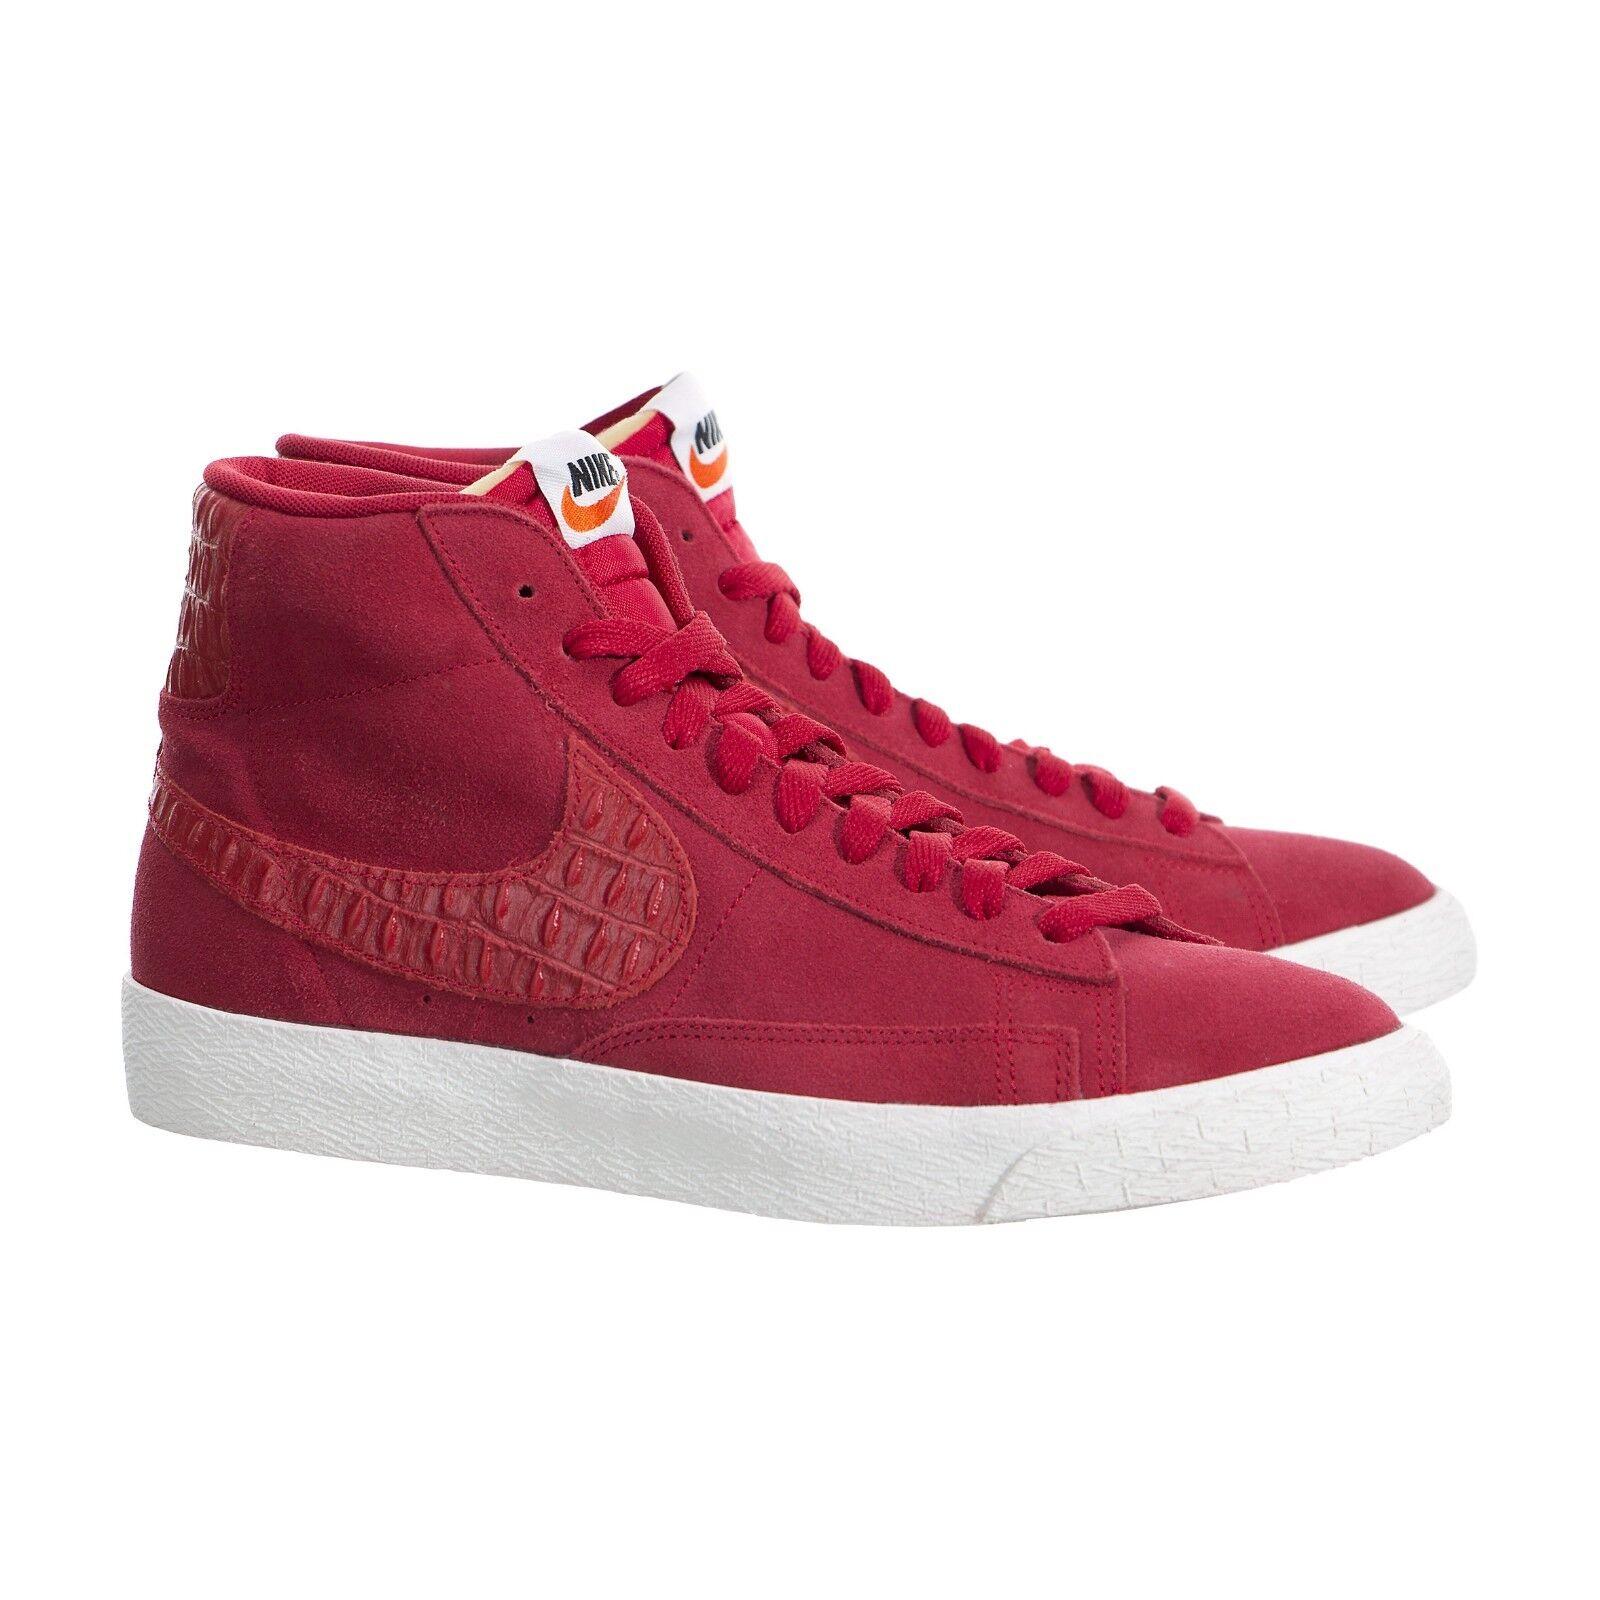 on sale a9a06 d9ee4 Nike Blazer Blazer Blazer Mid Premium Vintage Gym Red Sail Gum 638261-601  size 10.5